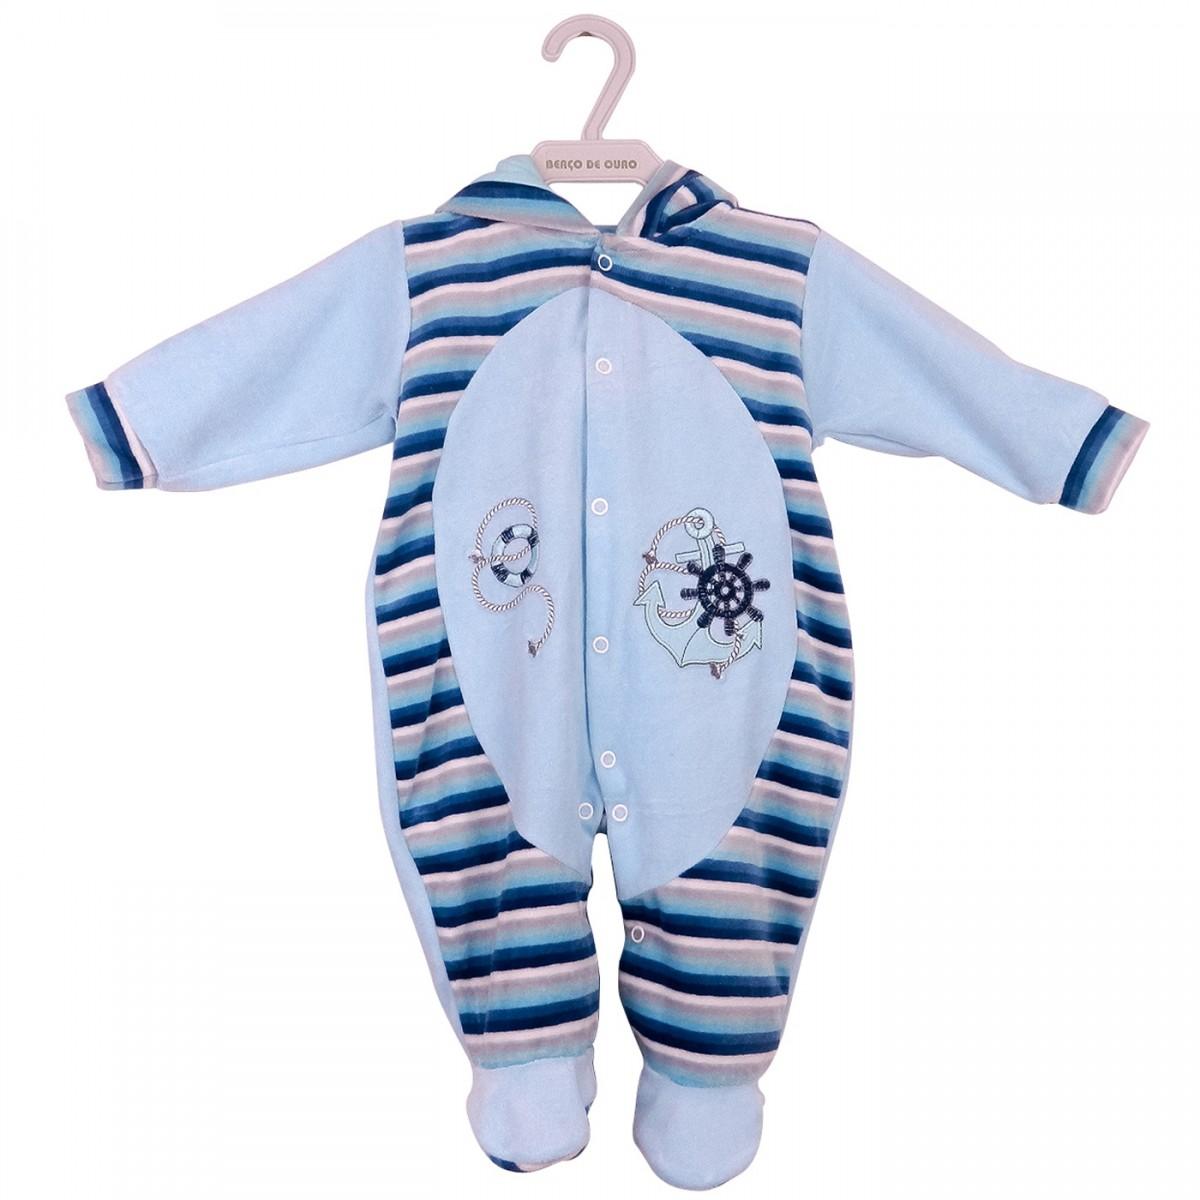 4df605a3b Bizz Store - Macacão Infantil Masculino Berço de Ouro Azul Soft